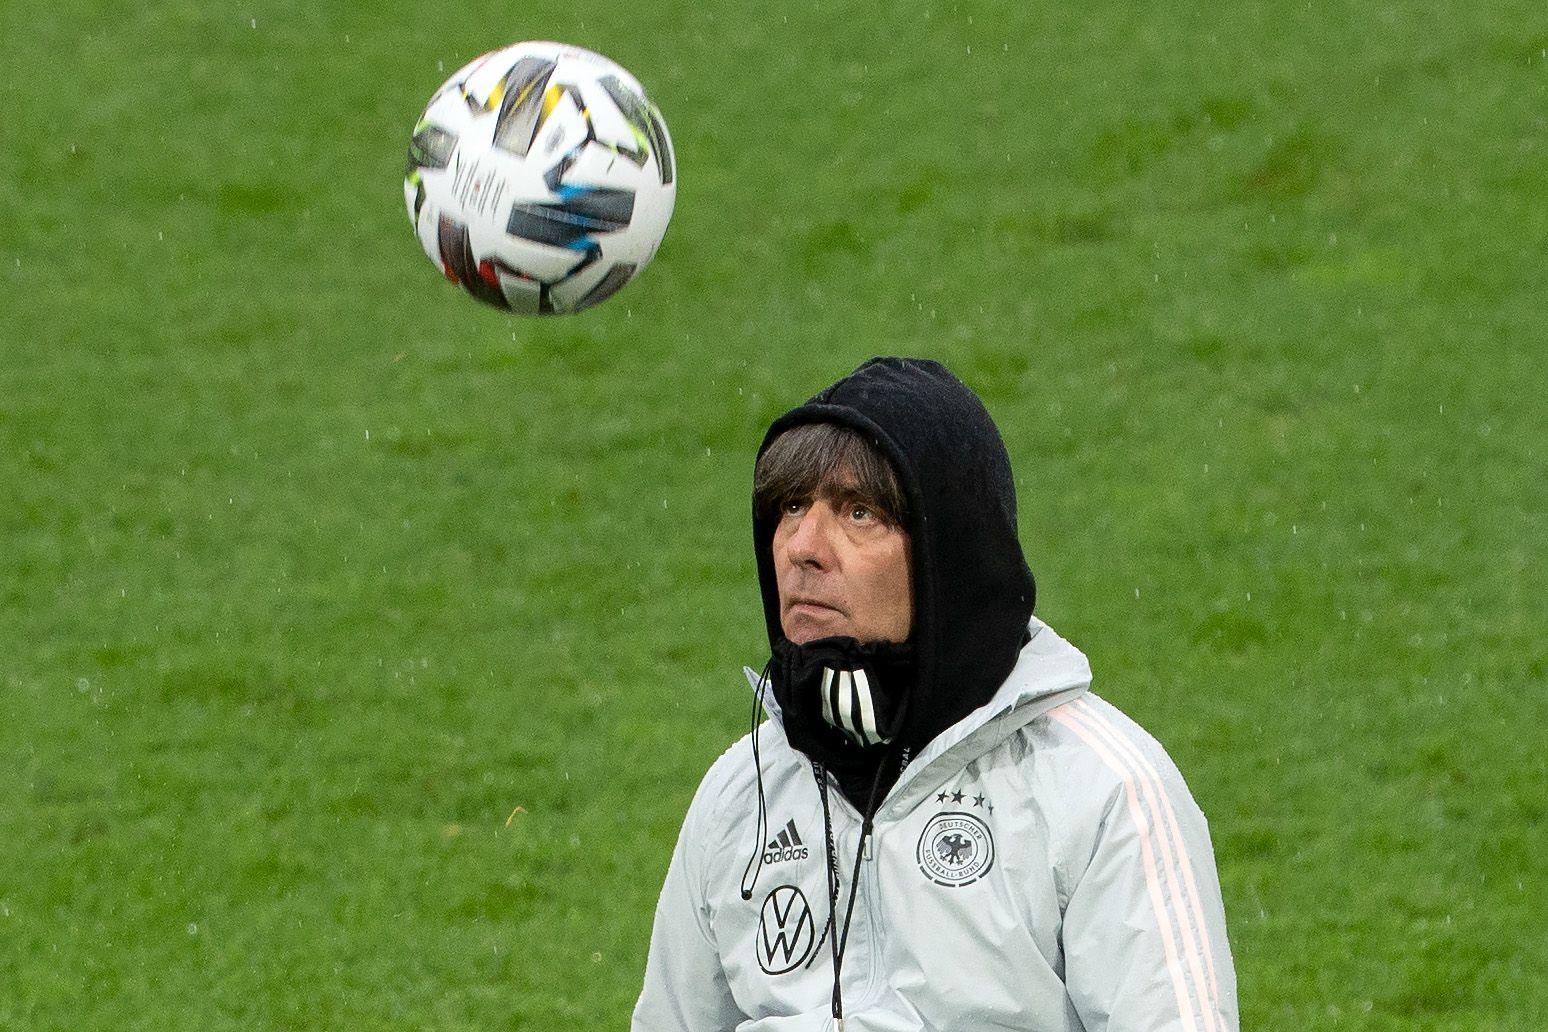 Bundestrainer Löw hört nach der EM im Sommer auf